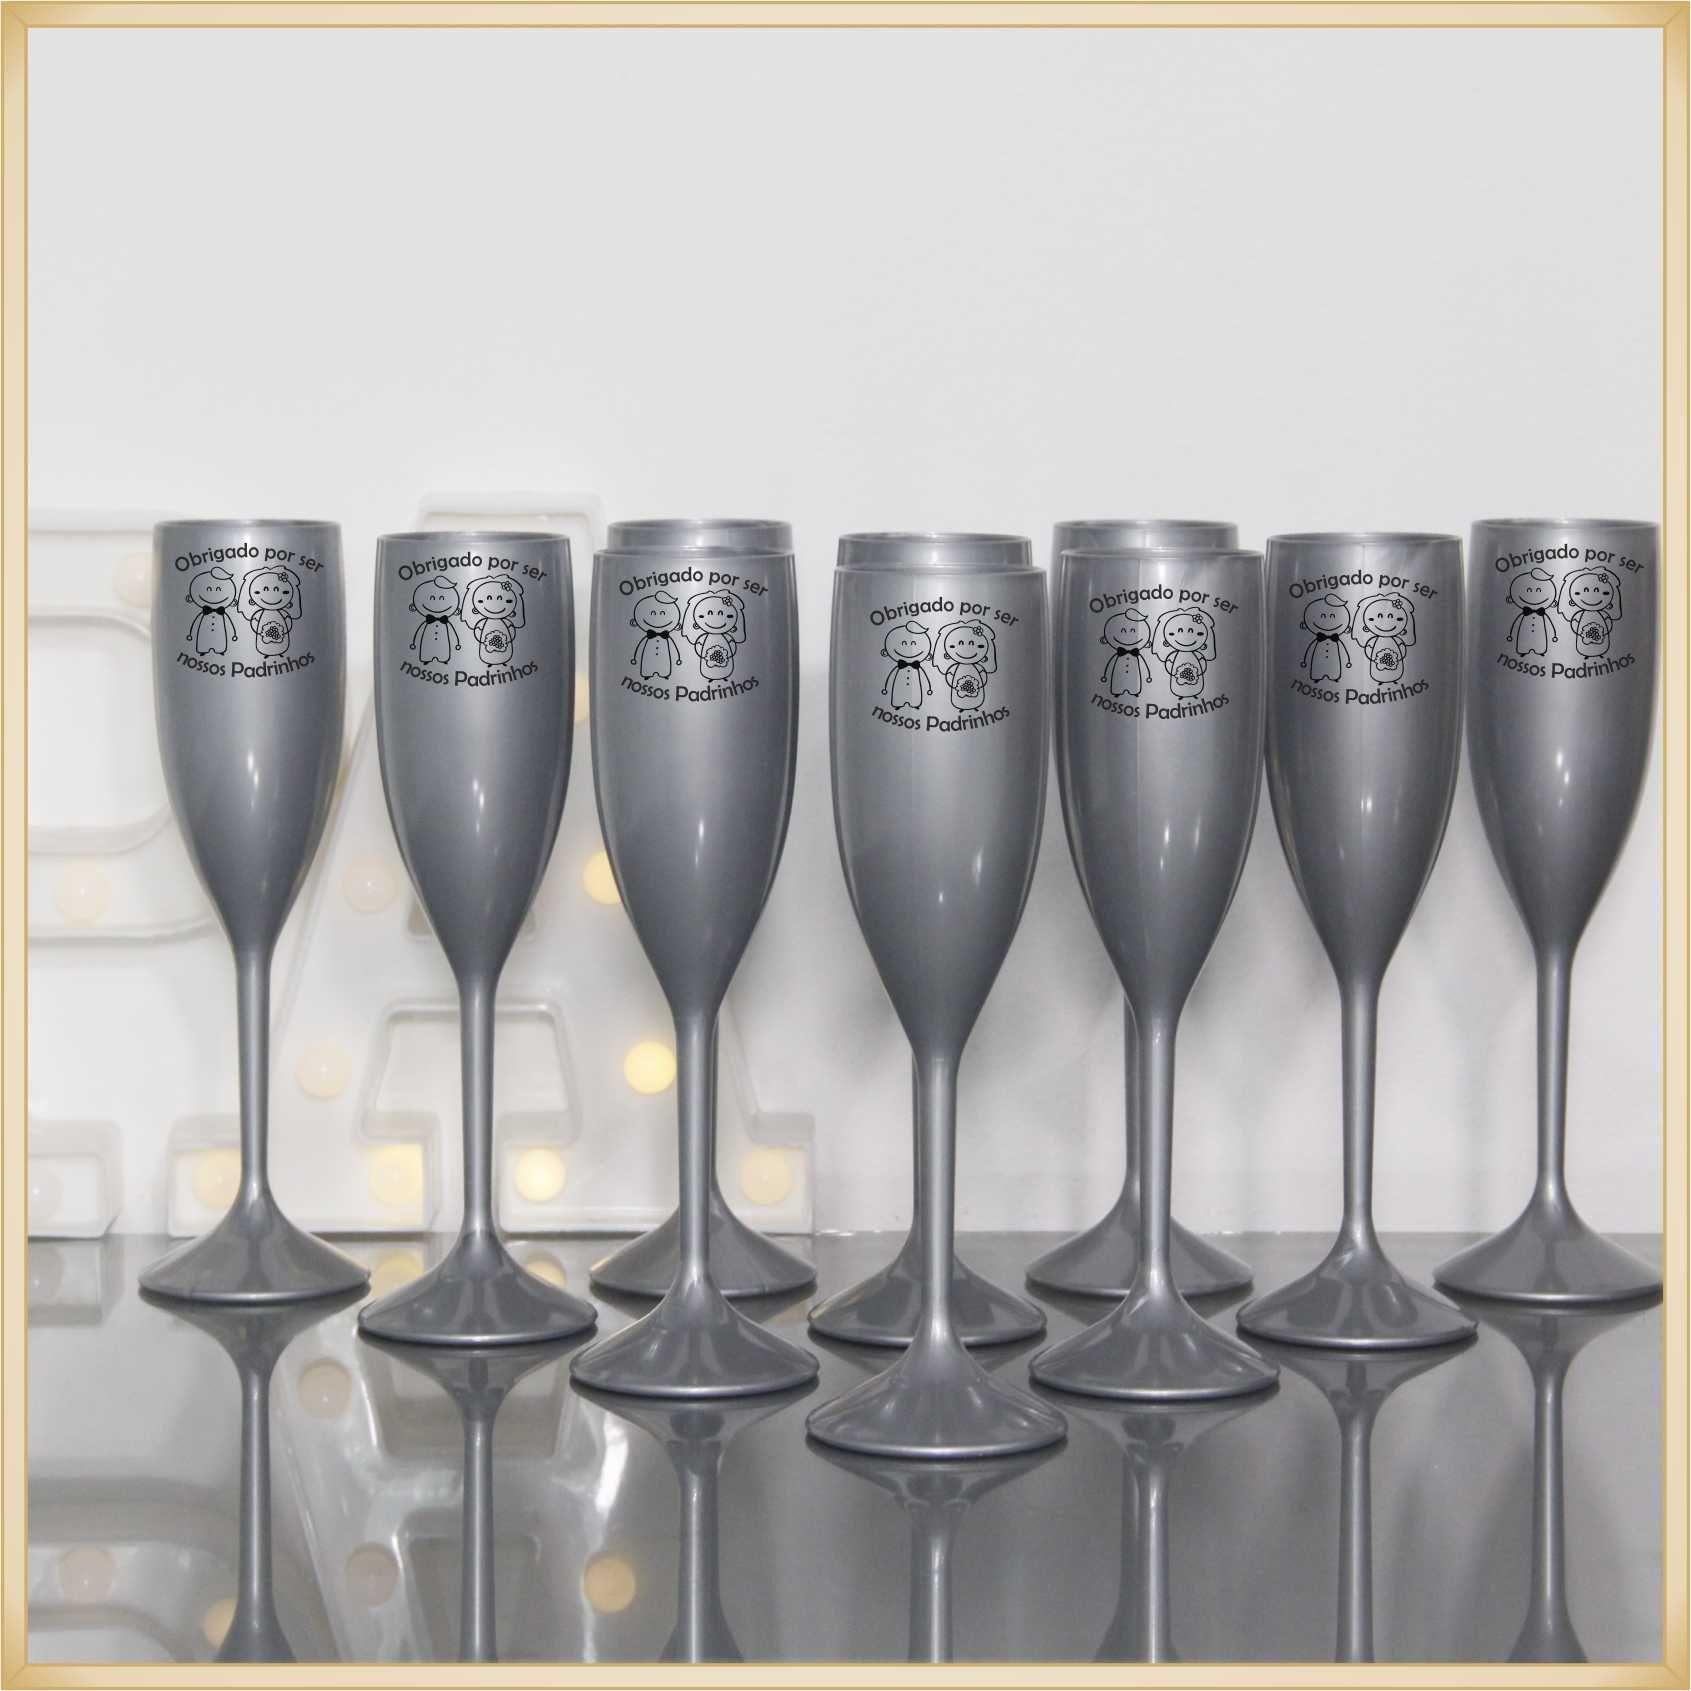 Taças para Casamento Lembrancinhas para Padrinhos e Madrinhas - Kit com 10 unidades